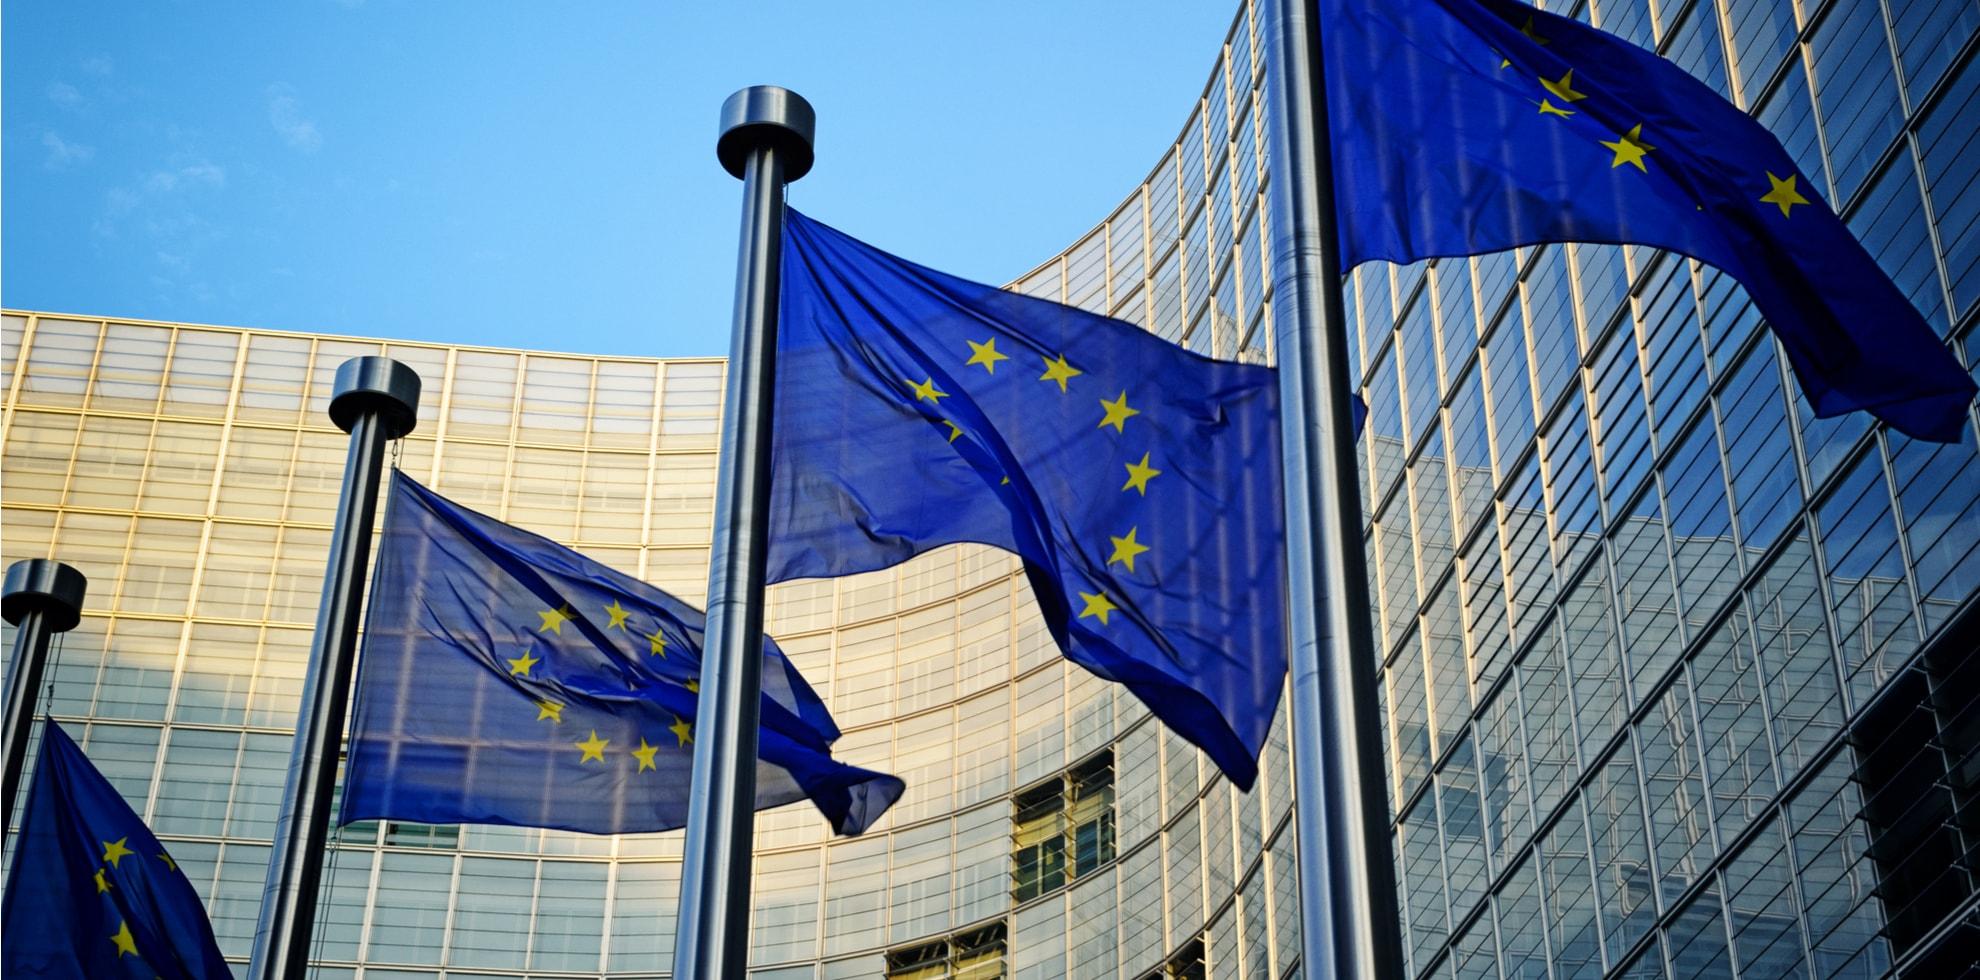 sieć 5g w europie